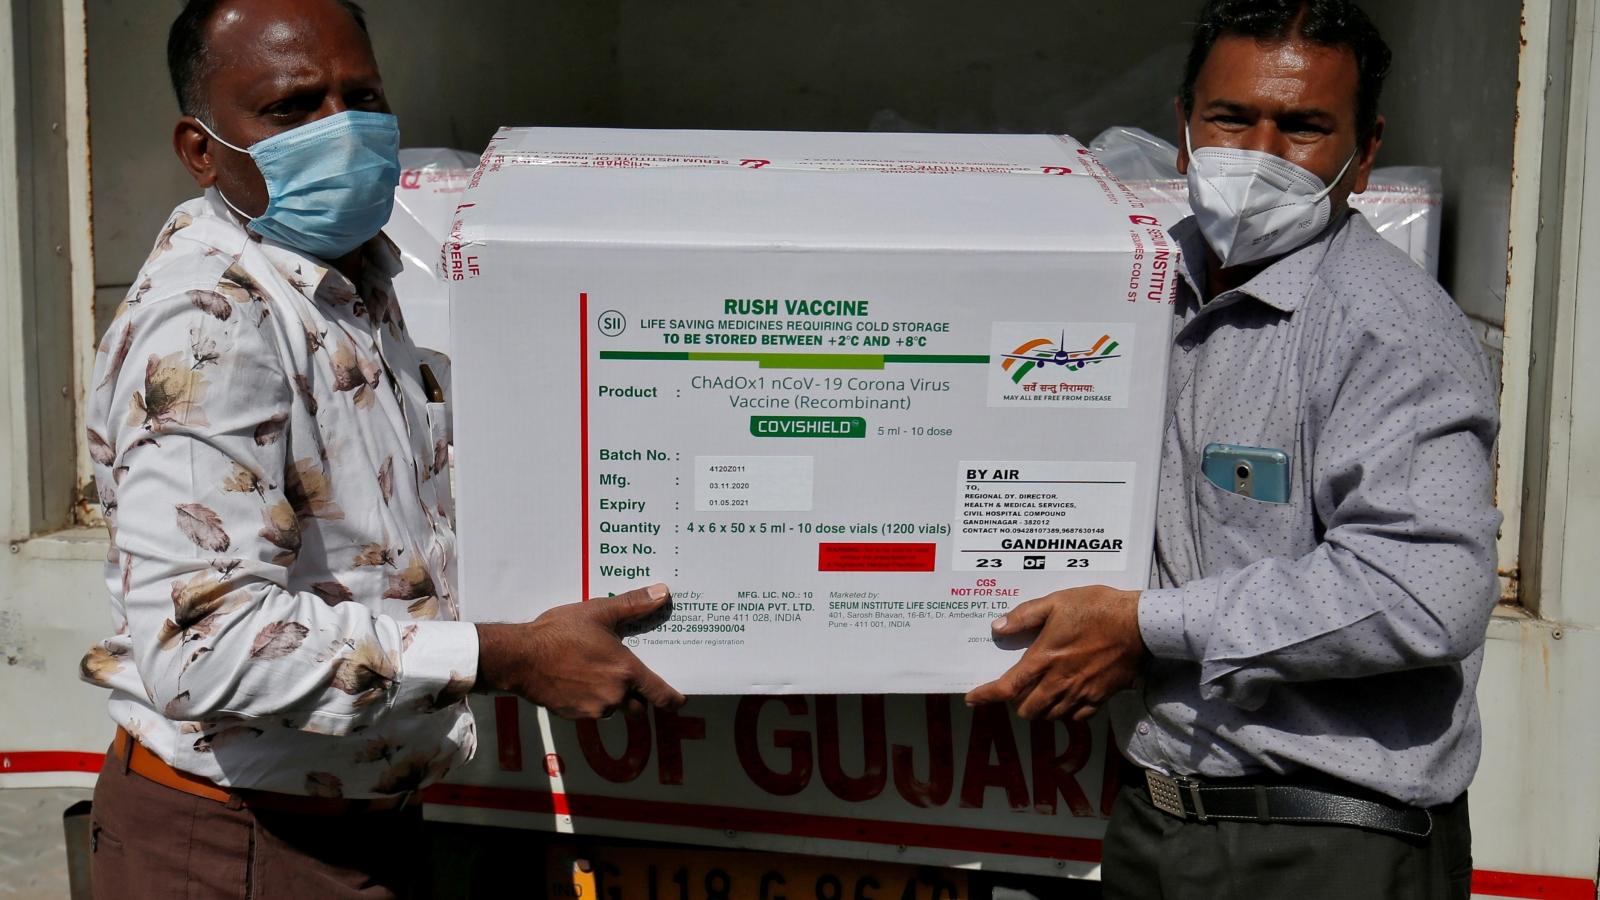 Nhóm Quad sẽ tăng cường sản xuất vaccine tại Ấn Độ, có thể tới 1 tỷ liều trong năm 2022